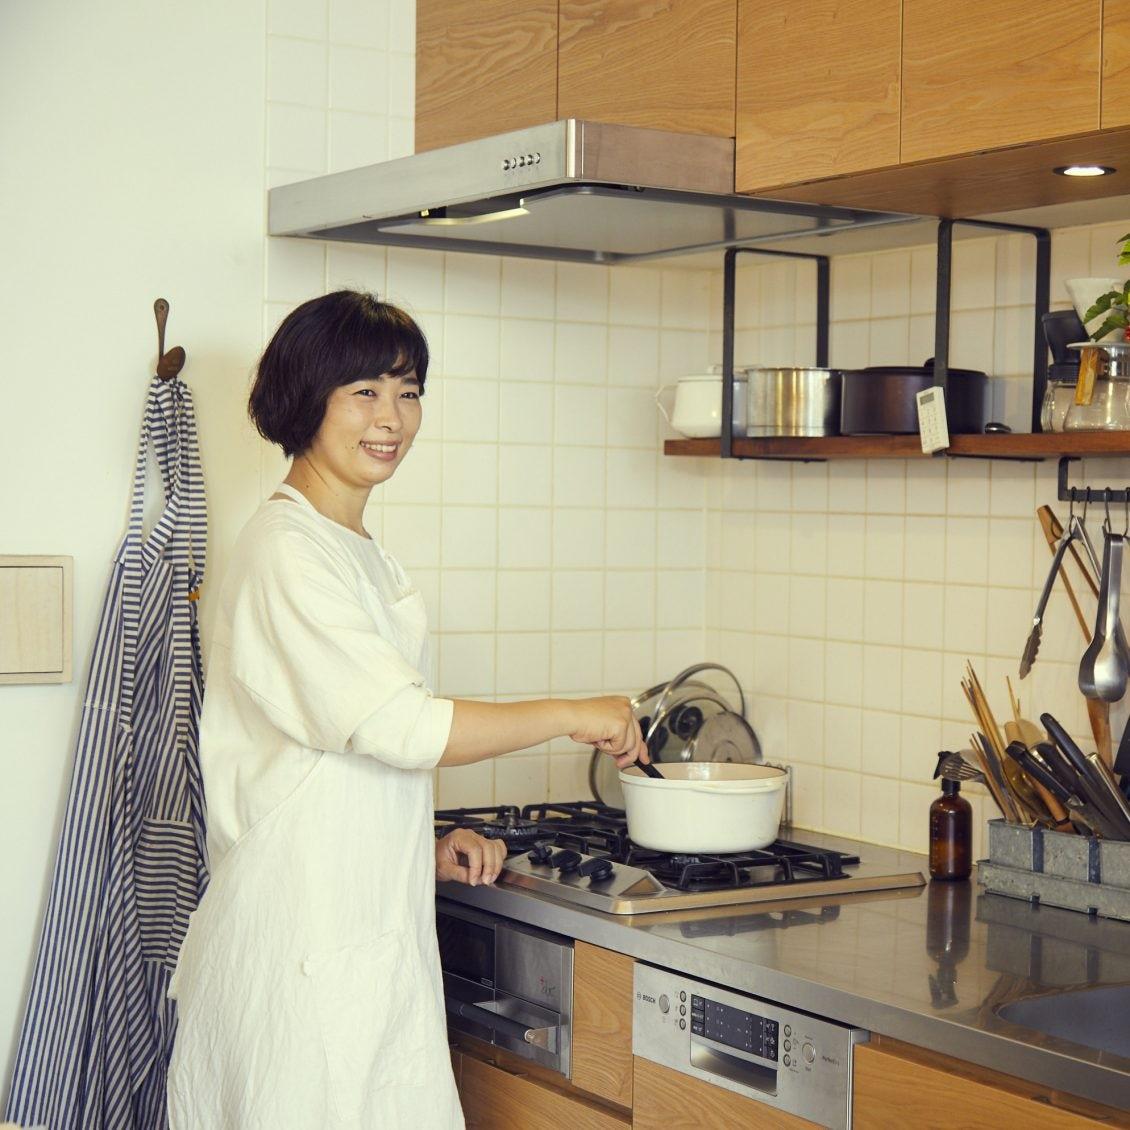 【家事の当たり前を変える?】キッカケは食洗機。料理家・近藤幸子さんの新しい暮らし